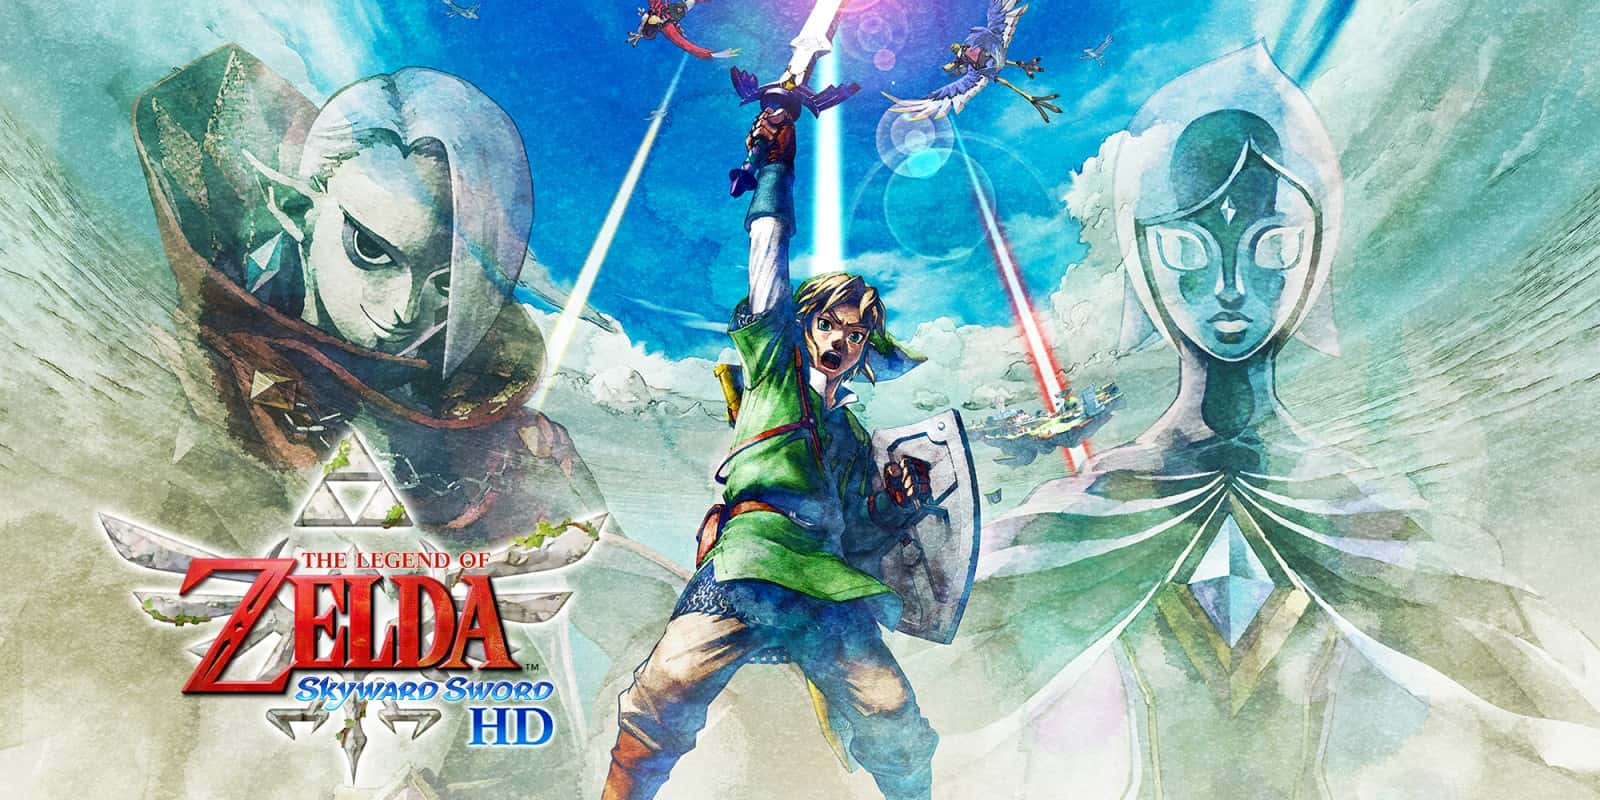 ¿Cuánto dura The Legend of Zelda: Skyward Sword HD?   Kyaooo